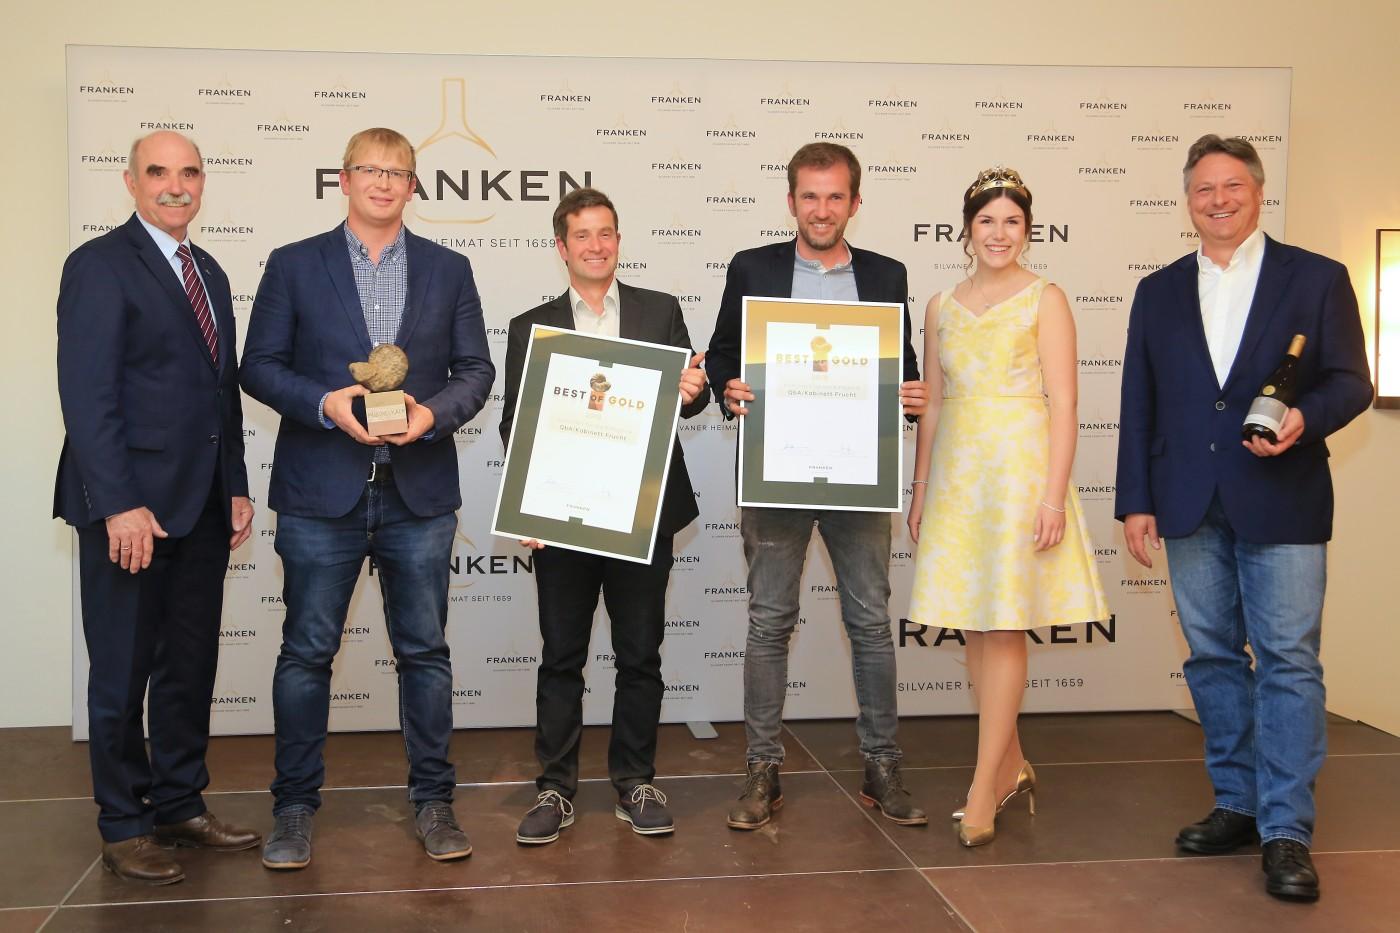 Artur Steinmann, Johannes Popp, Daniel Sauer, Christian Müller, Fränkische Weinkönigin Carolin Meyer und Pate Stefan Metzner (München). Foto: Rudi Merkl